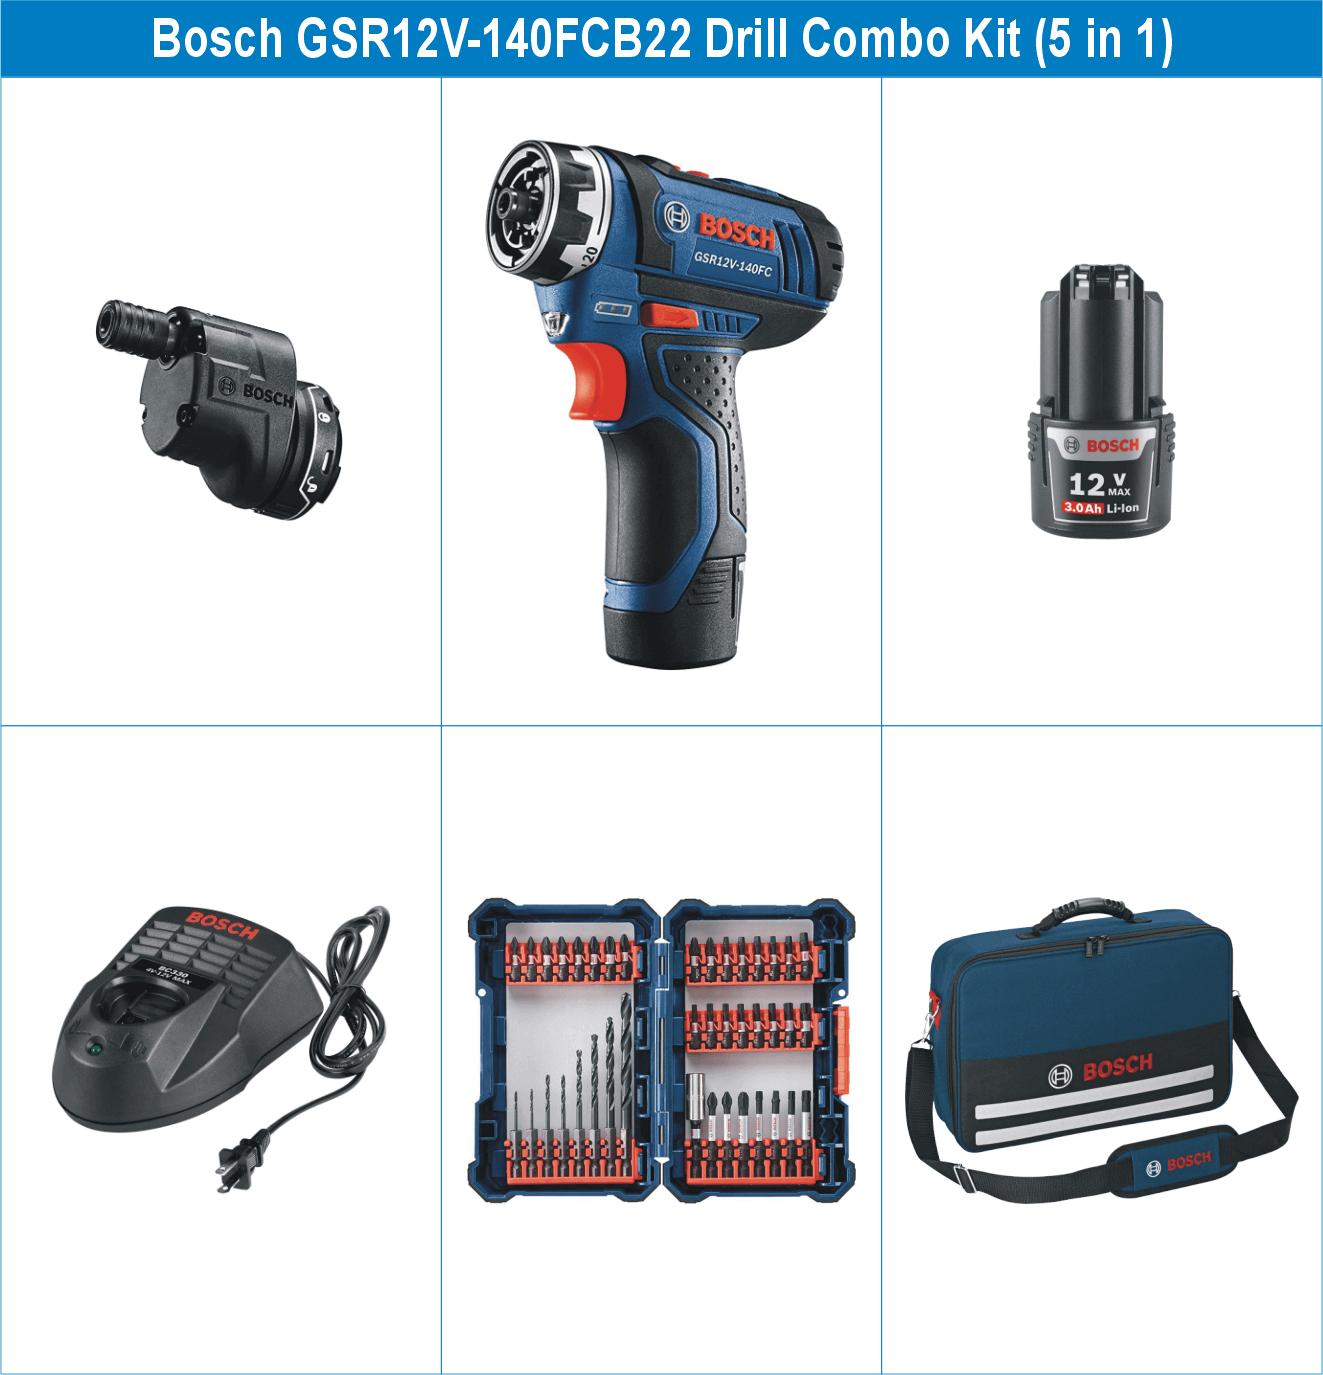 Bosch GSR12V-140FCB22 12V Max 5-In-1 Drill System Combo Kit